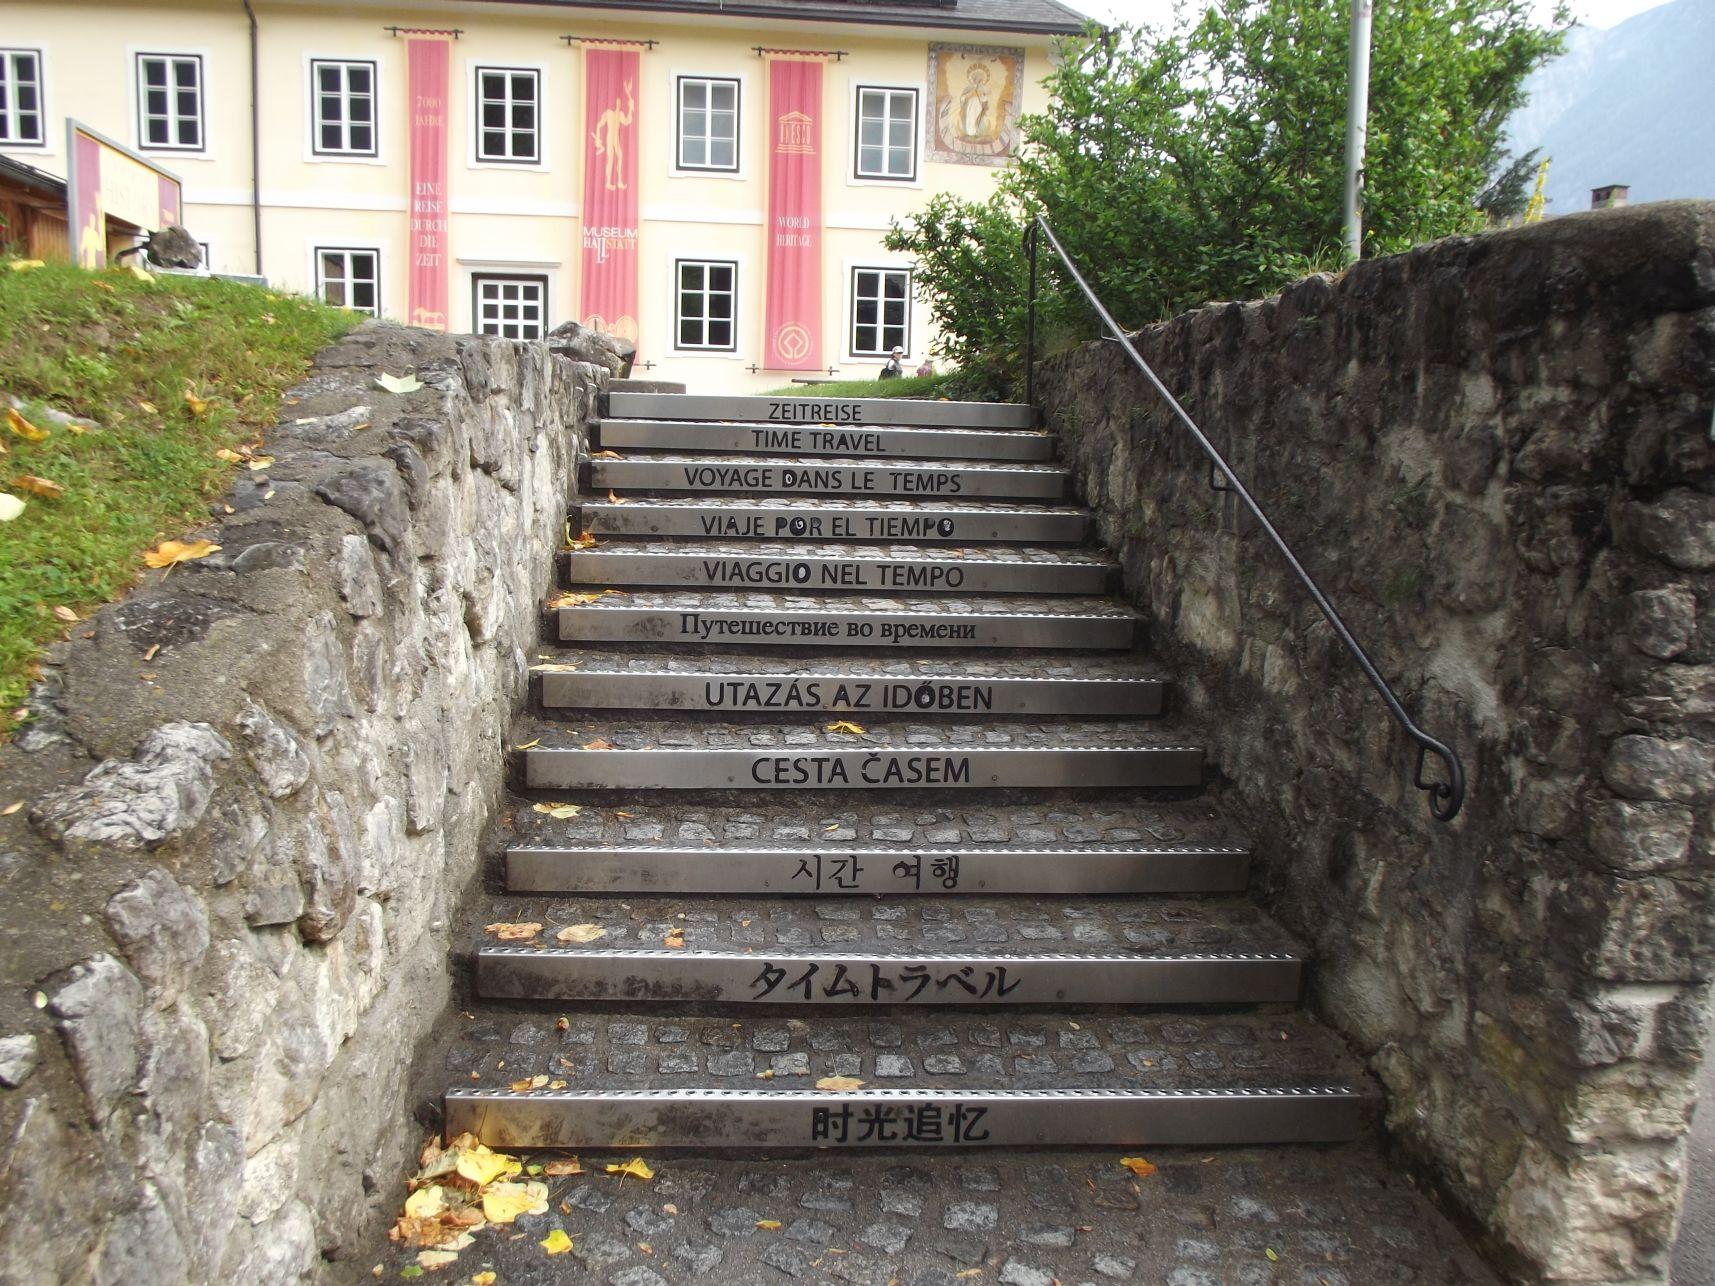 Magyarul is köszönt a múzeum lépcsője